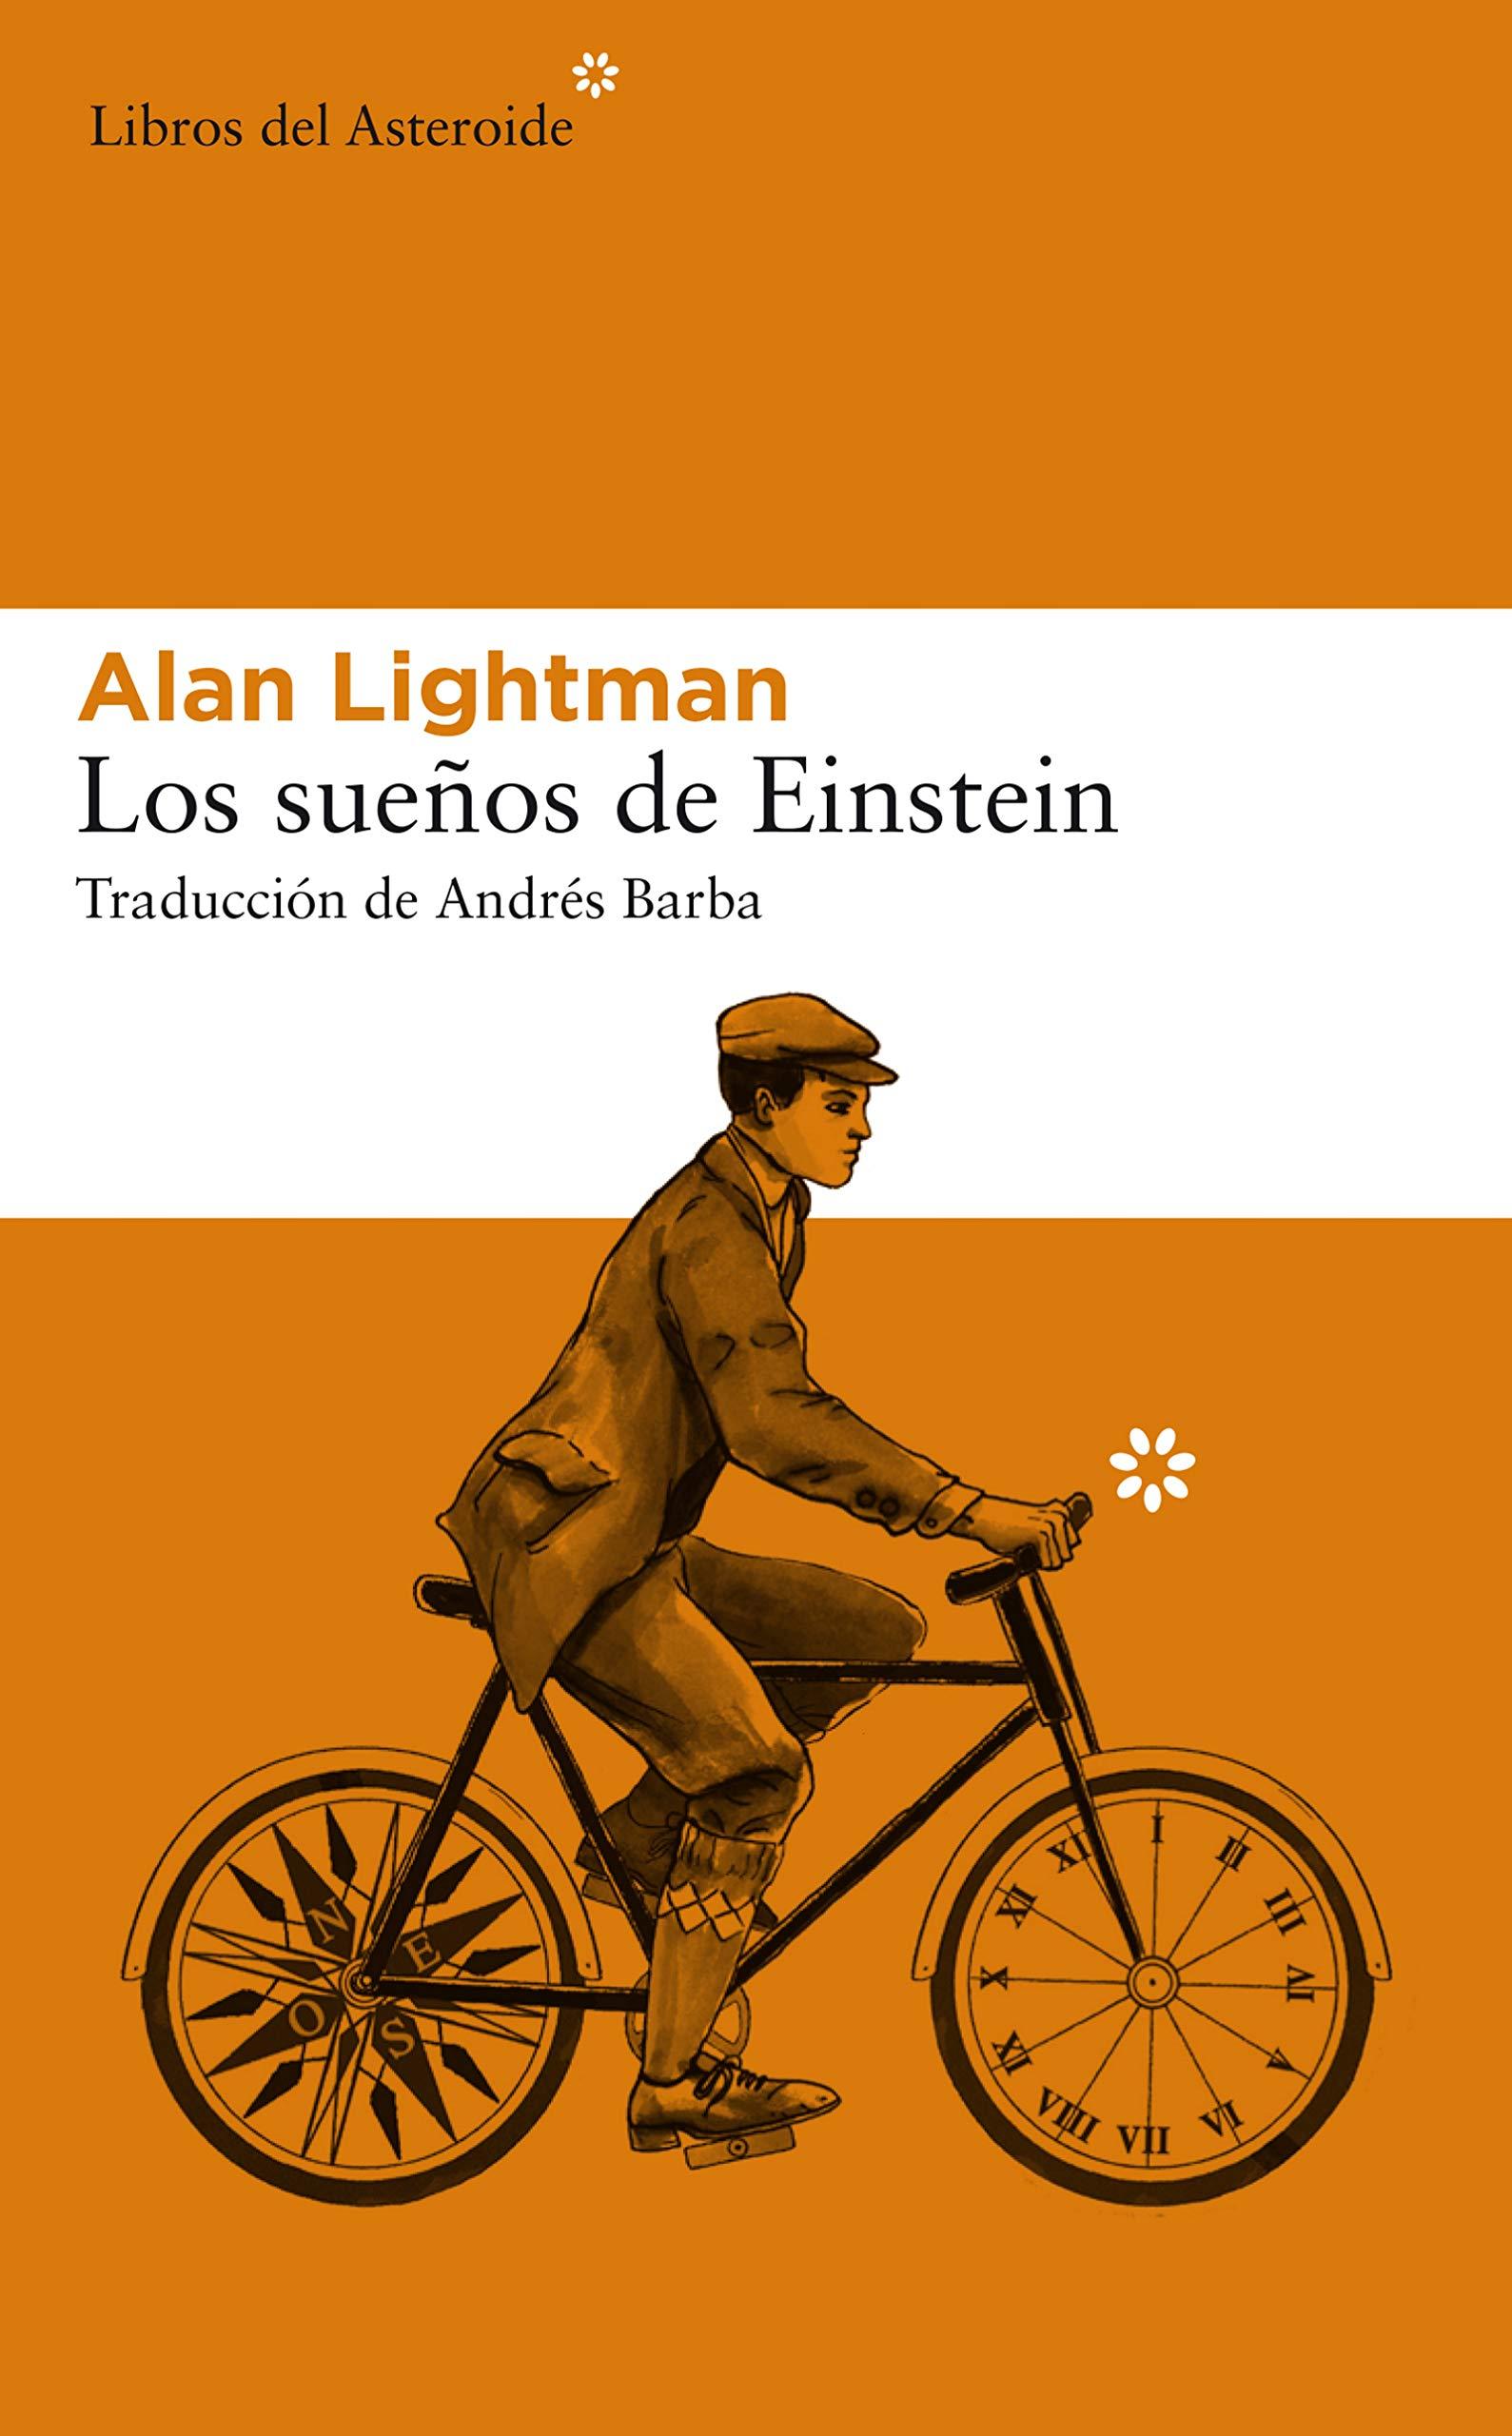 Los sueños de Einstein (Libros del Asteroide nº 217)